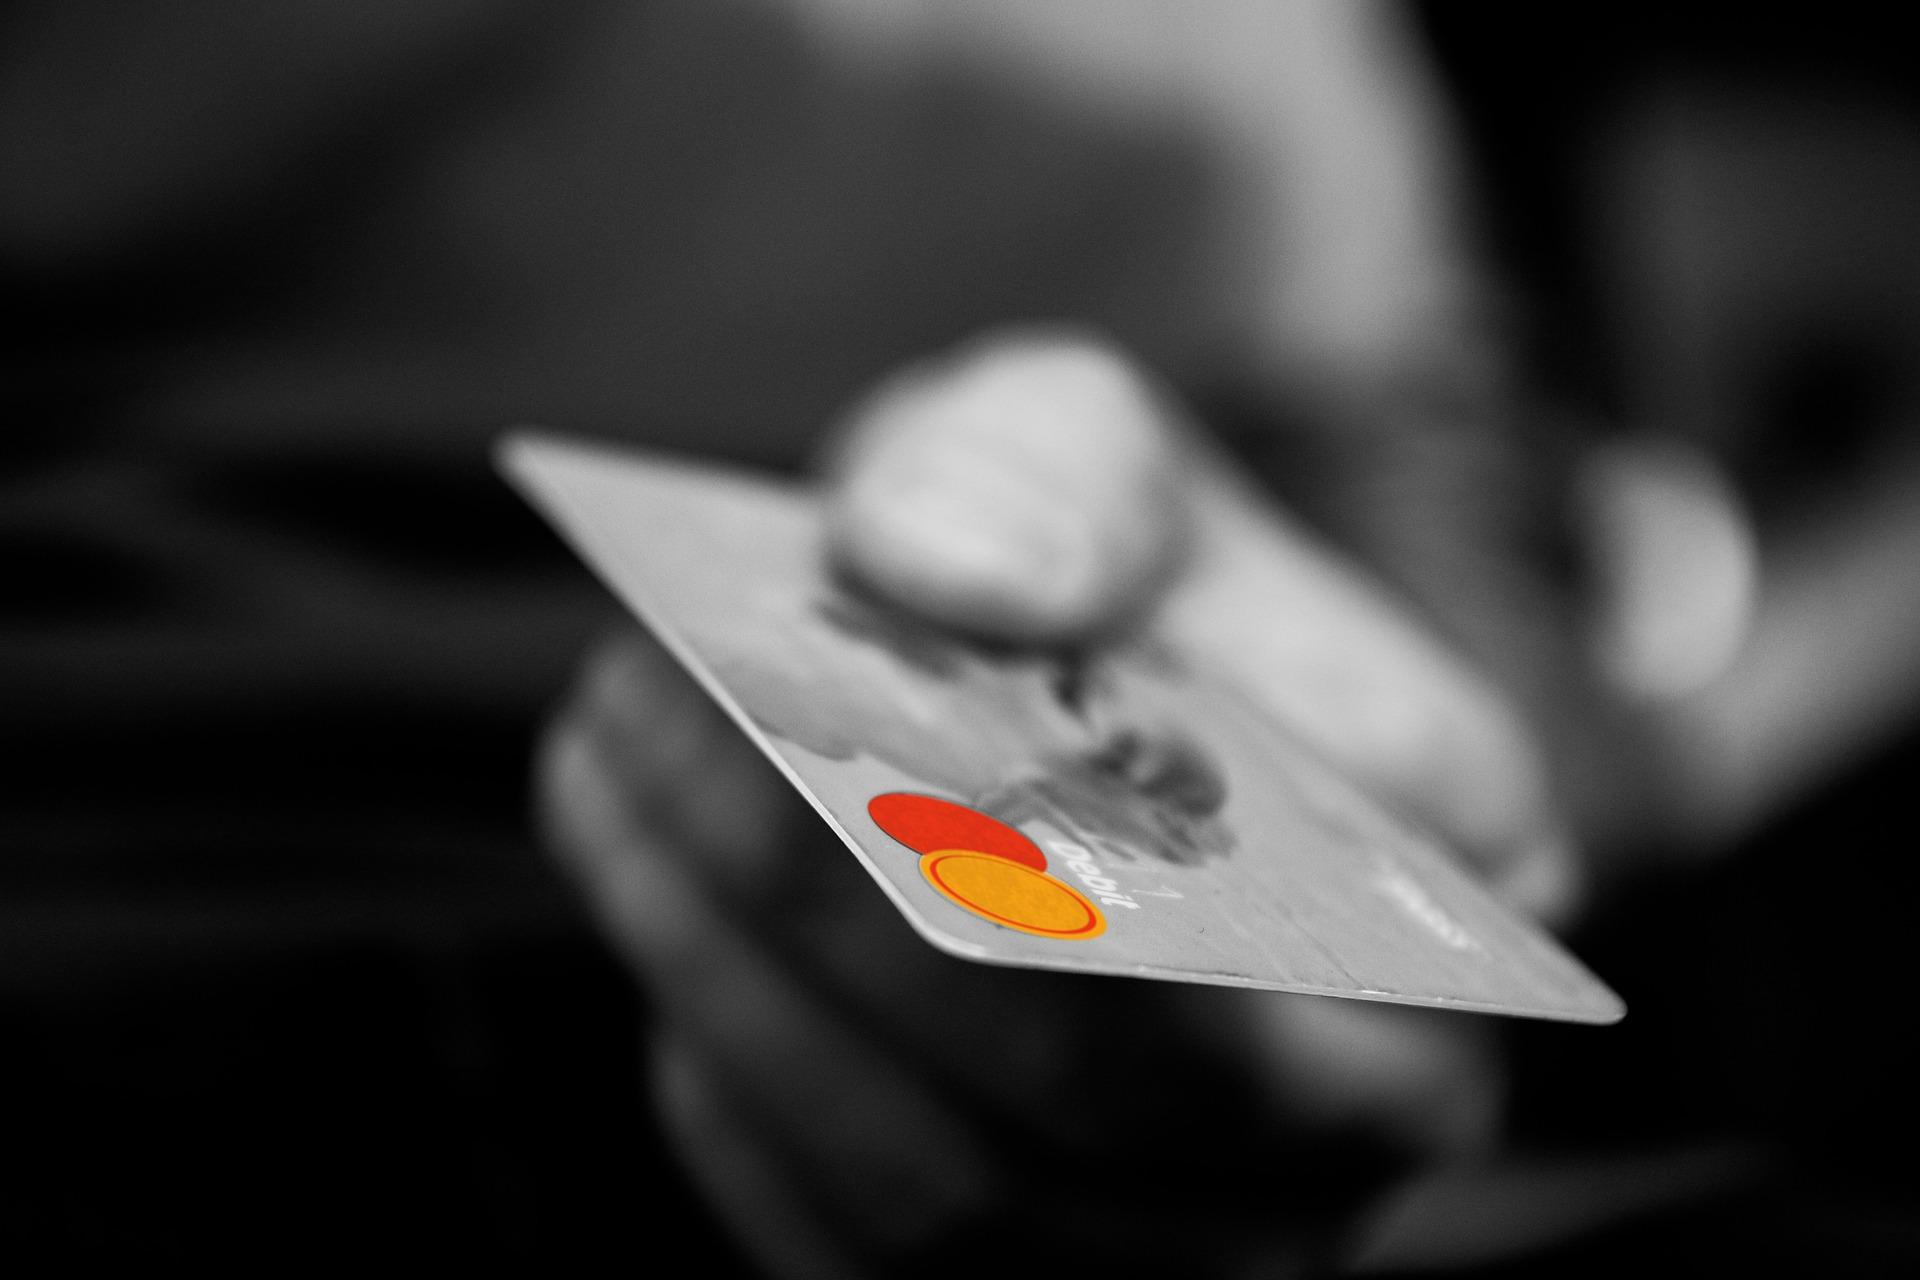 Empregados que vendem benefícios cedidos pelas empresas podem ser demitidos